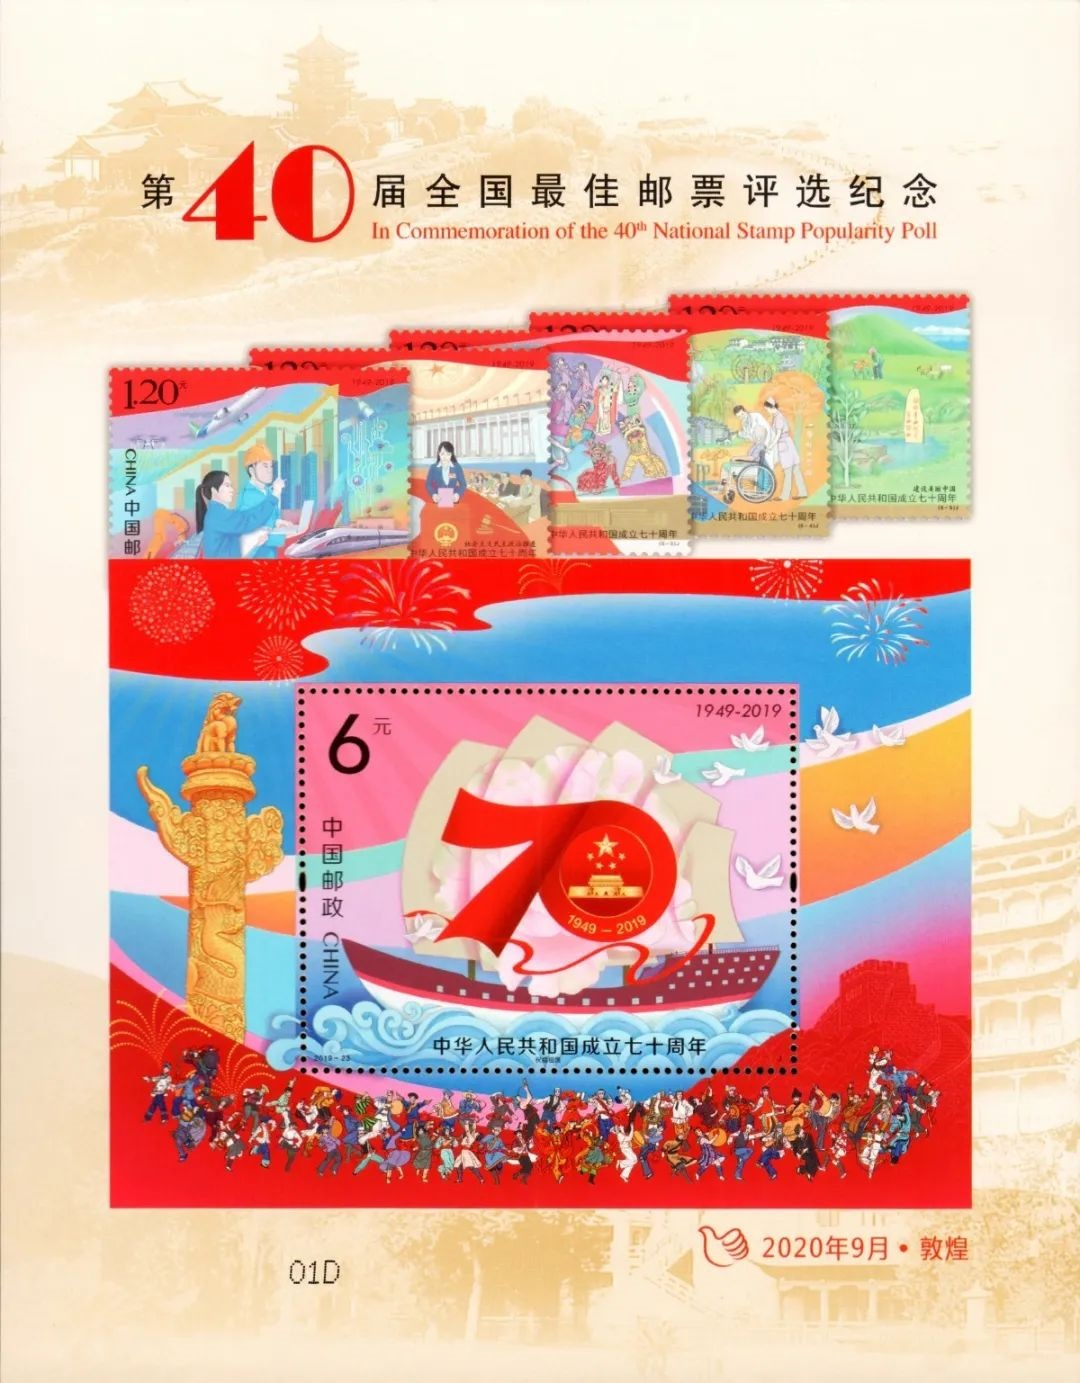 中国邮政推出世界首枚芯片邮票